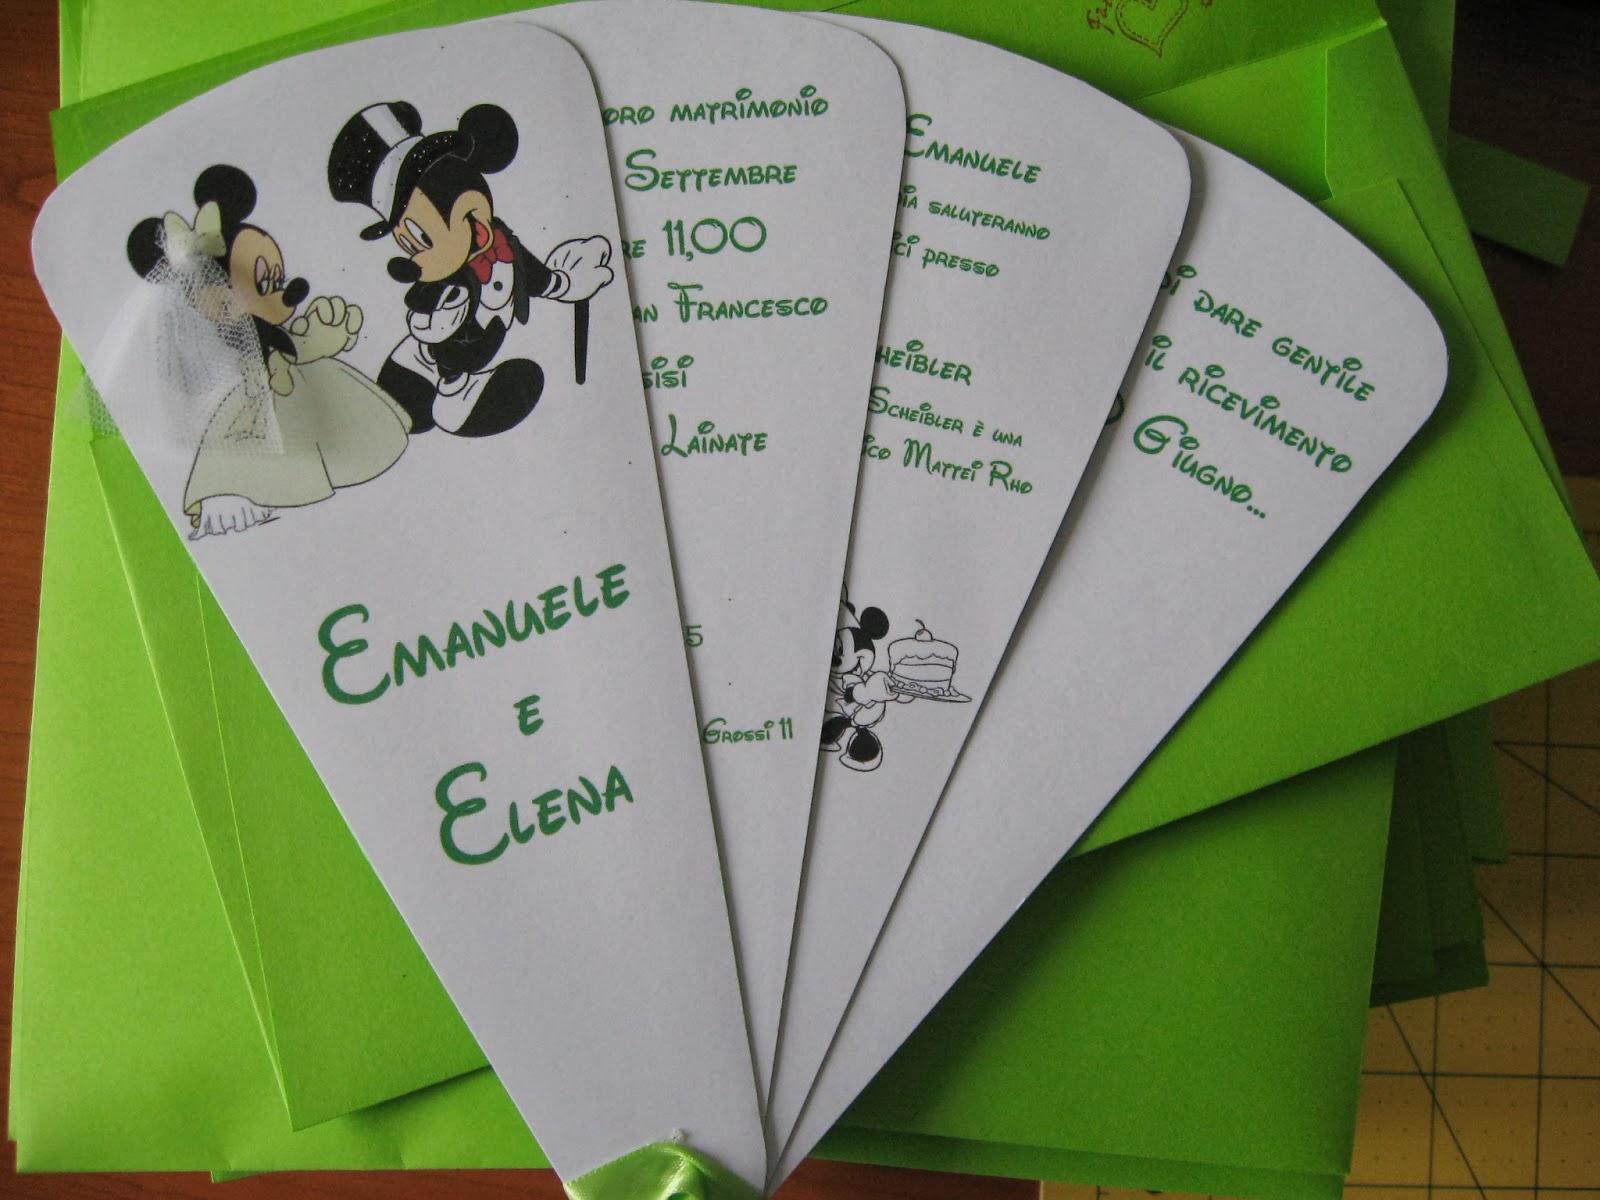 Partecipazioni Matrimonio Tema Disney : Matrimonio stile disney